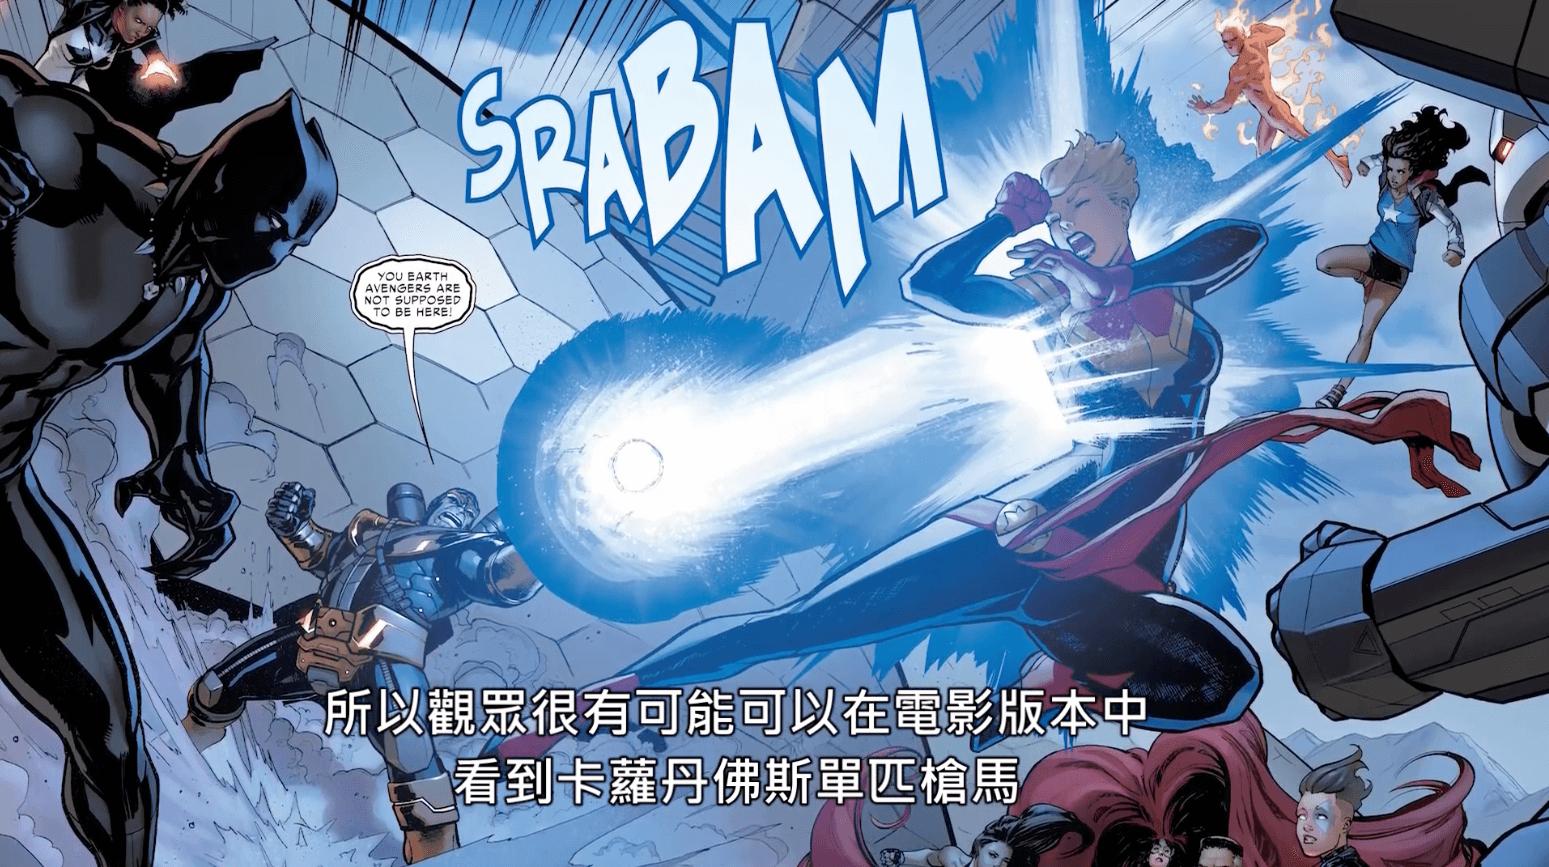 相信粉絲都很期待看到 卡蘿丹佛斯 獲得超能力成為 驚奇隊長 後,會如何屌打 薩諾斯 。